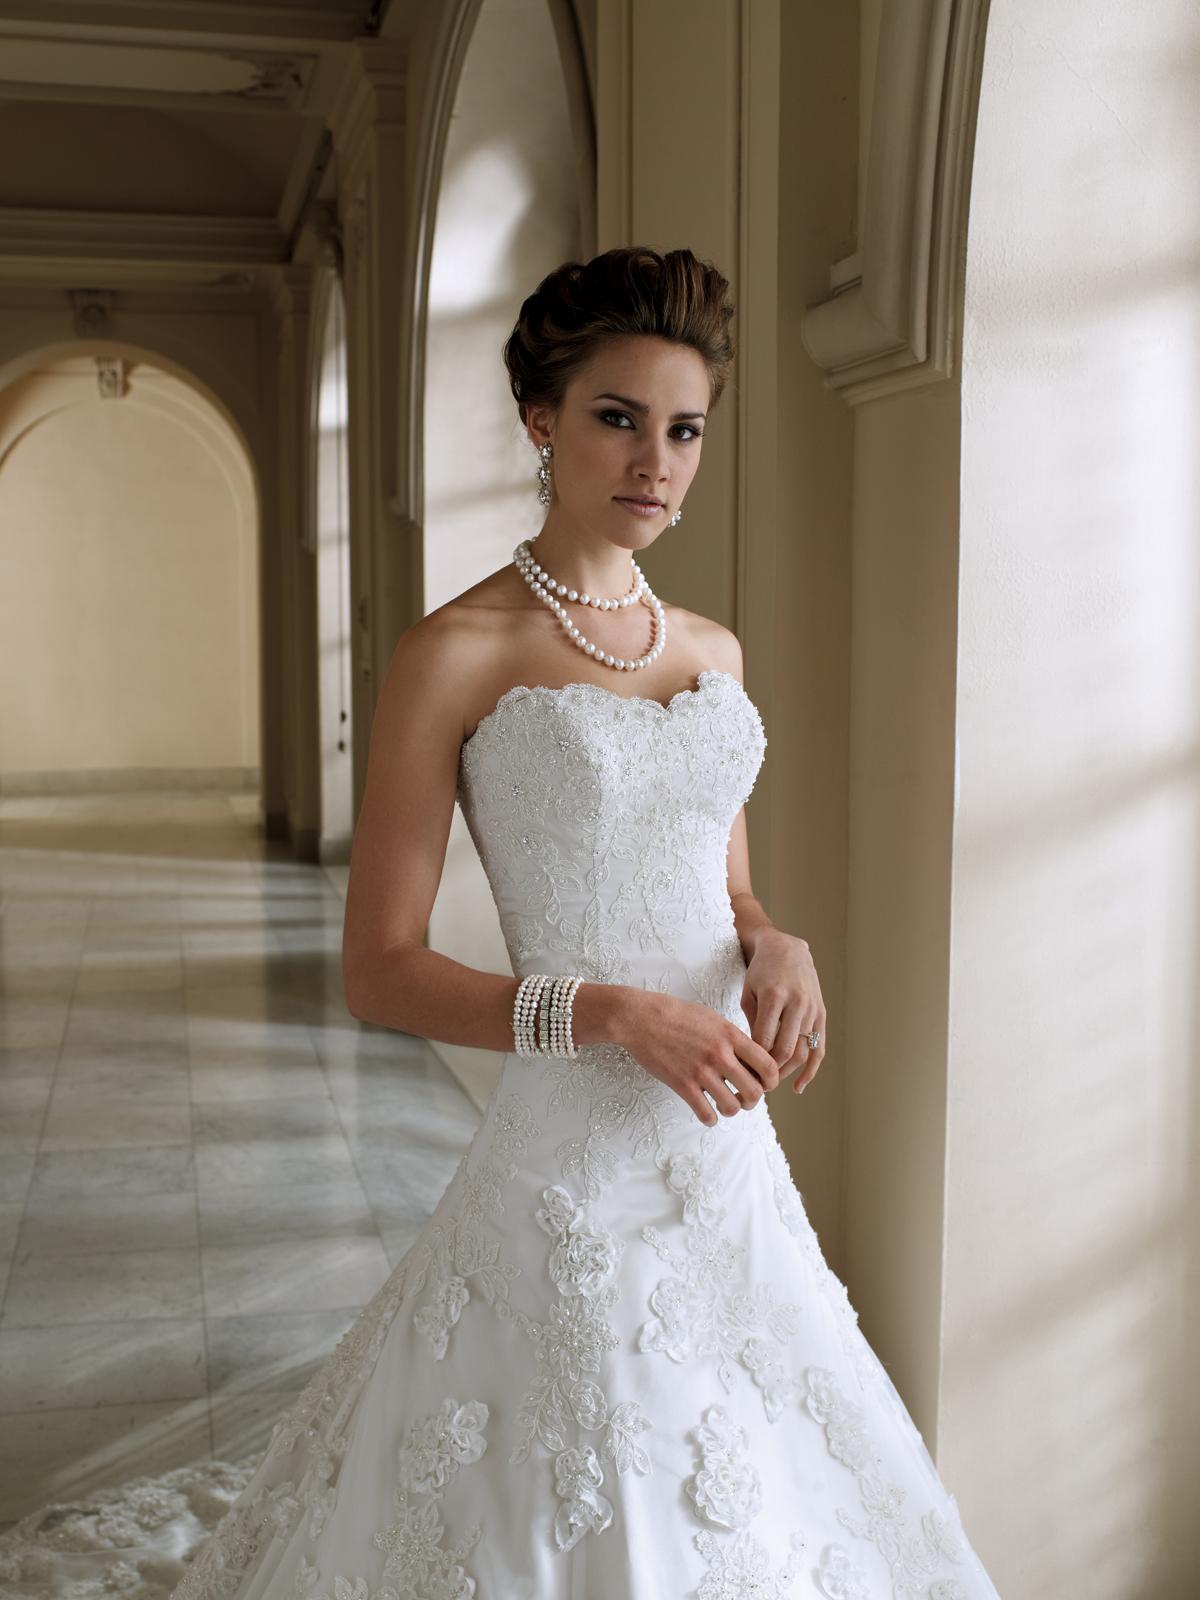 Vestido de Noiva Mikaela - Hipnose Alta Costura e Spa para Noivas e Noivos - Campinas - SP Vestido de Noiva, Vestidos de Noiva Sereia, Hipnose Alta Costura, Vestido de Noiva Mikaela